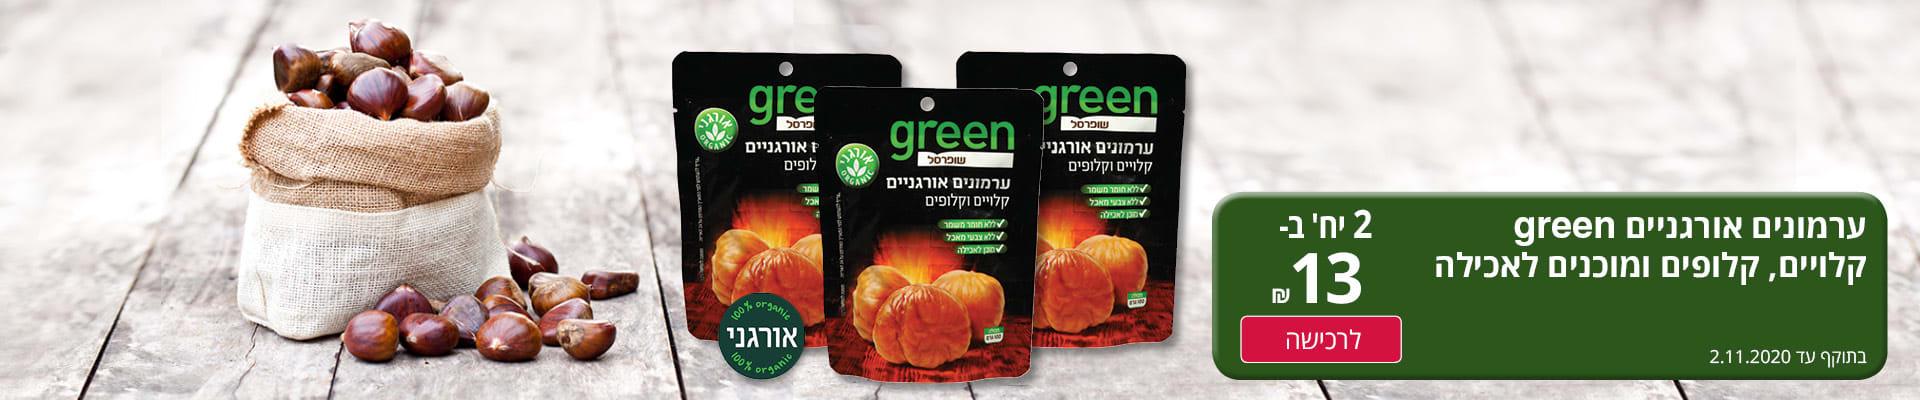 ערמונים אורגניים green קלויים, קלופים ומוכנים לאכילה 2 יחידות ב- 13 ₪. בתוקף עד 2.11.2020